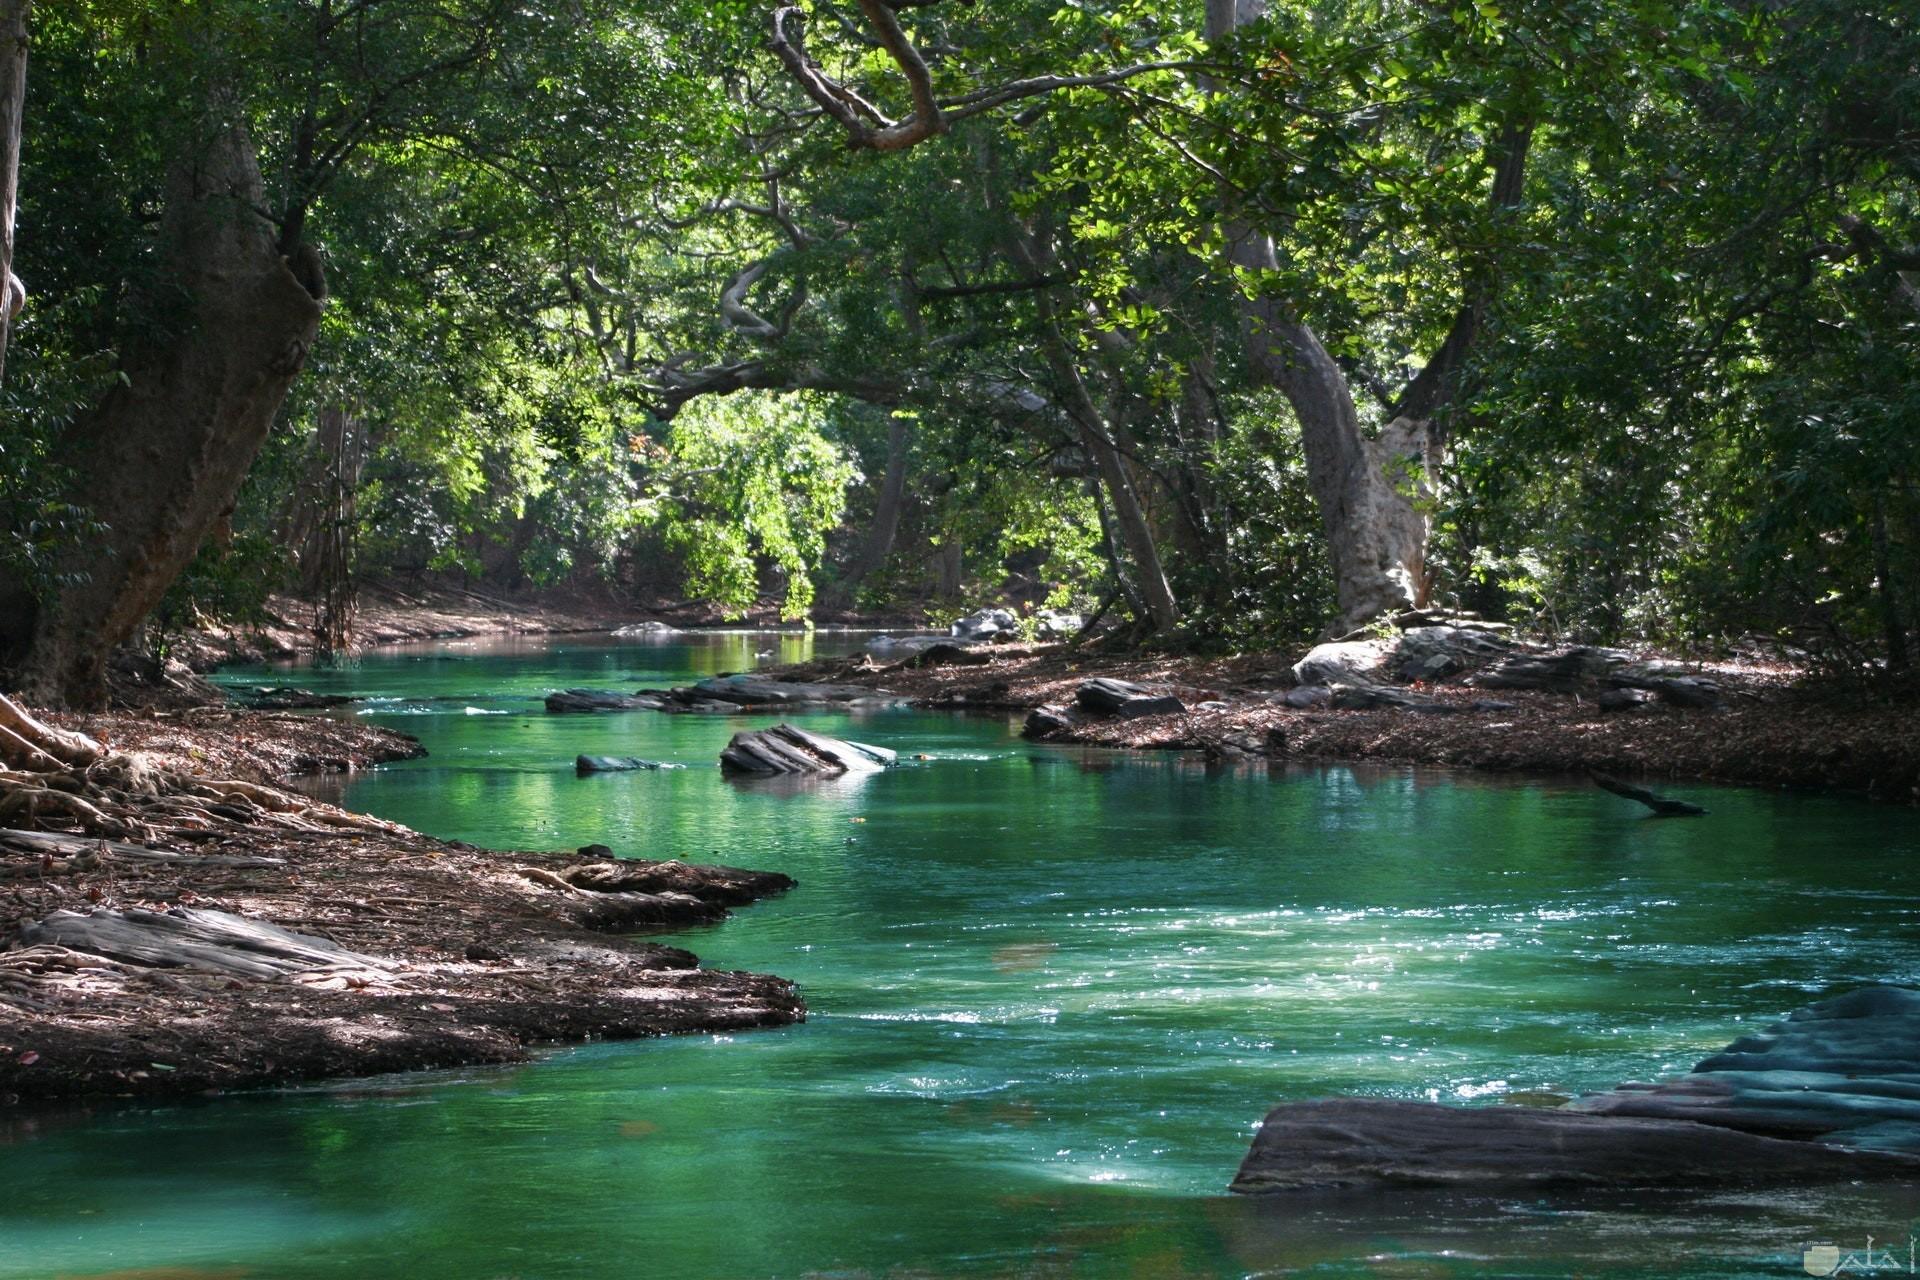 صورة جميلة جدا للفيس بوك للطبيعة حيث المياة المتدفقة والأشجار